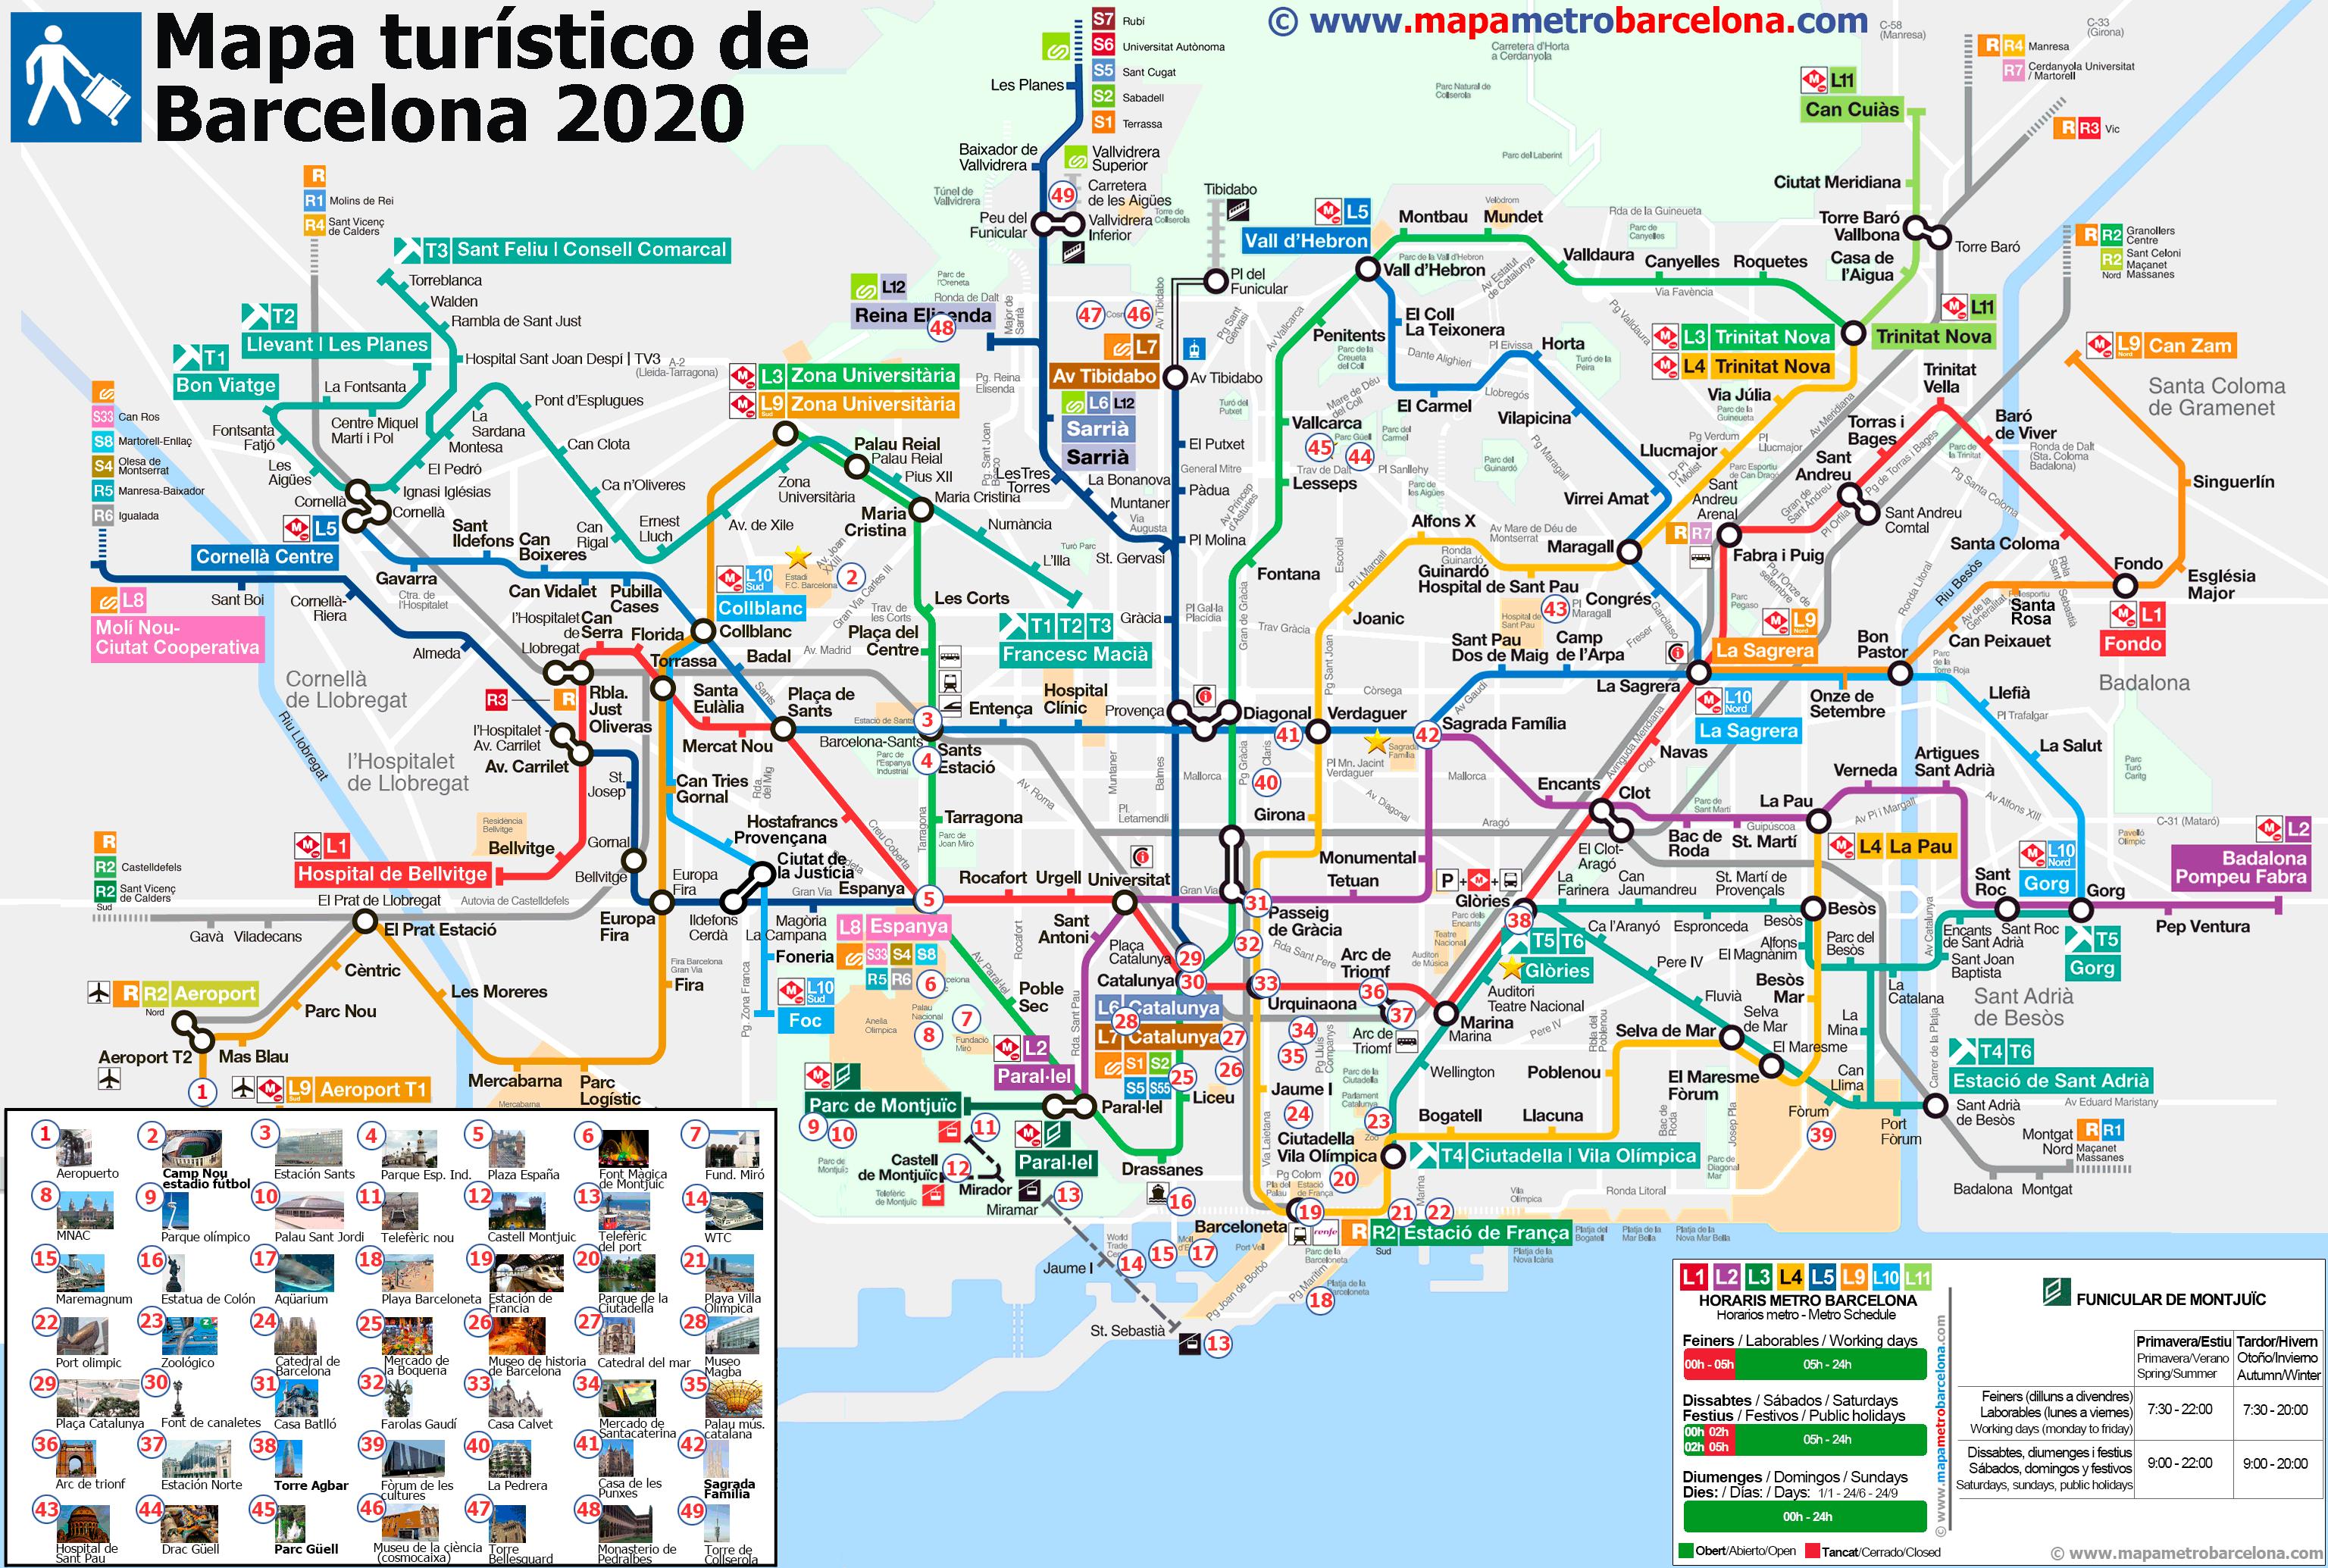 Barcelona En El Mapa.Mapa Turistico De Barcelona 49 Lugares Importantes Para Turistas